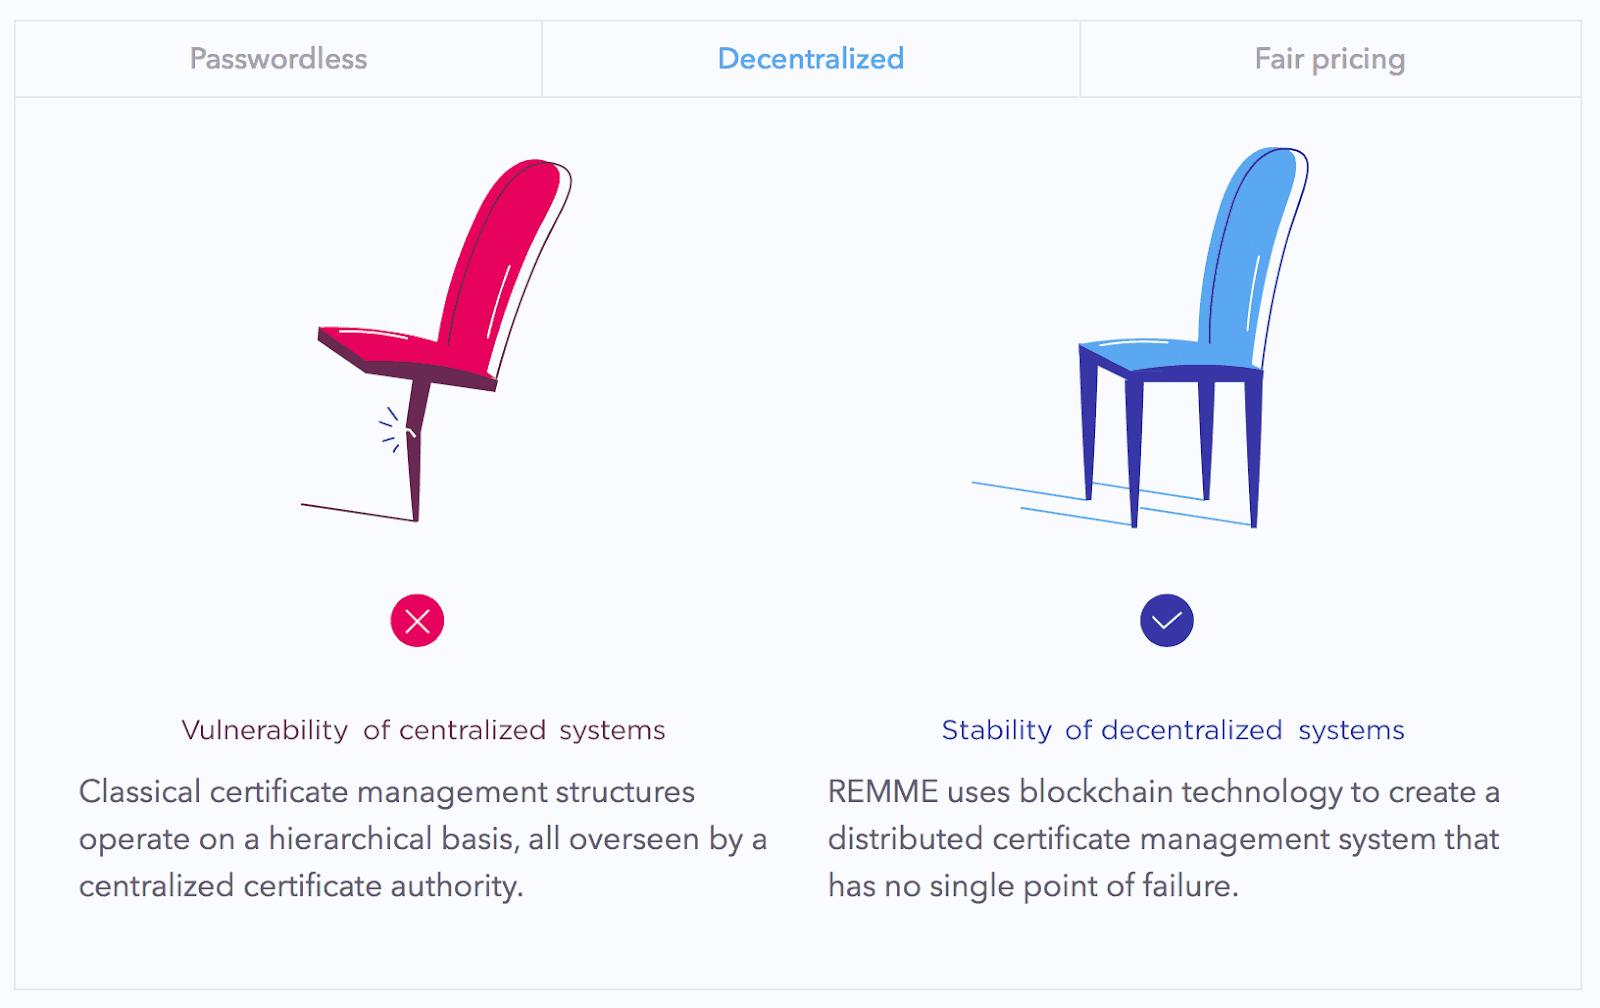 Ілюстрація-пояснення від remme.io: про переваги децентралізації над централізованими системами